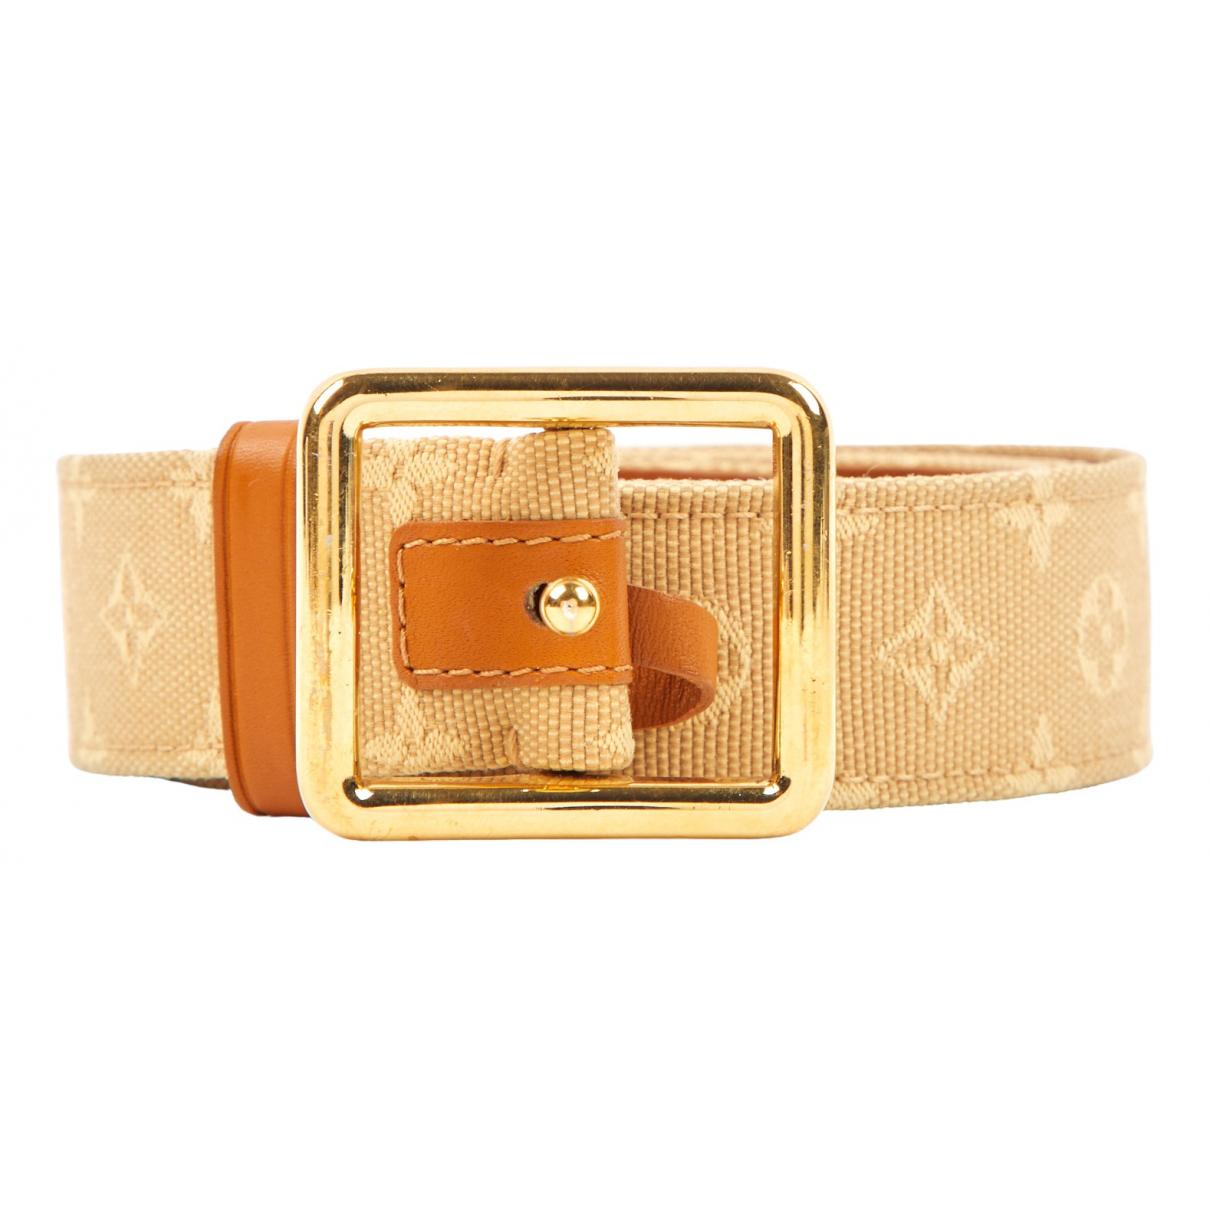 Cinturon de Lona Louis Vuitton